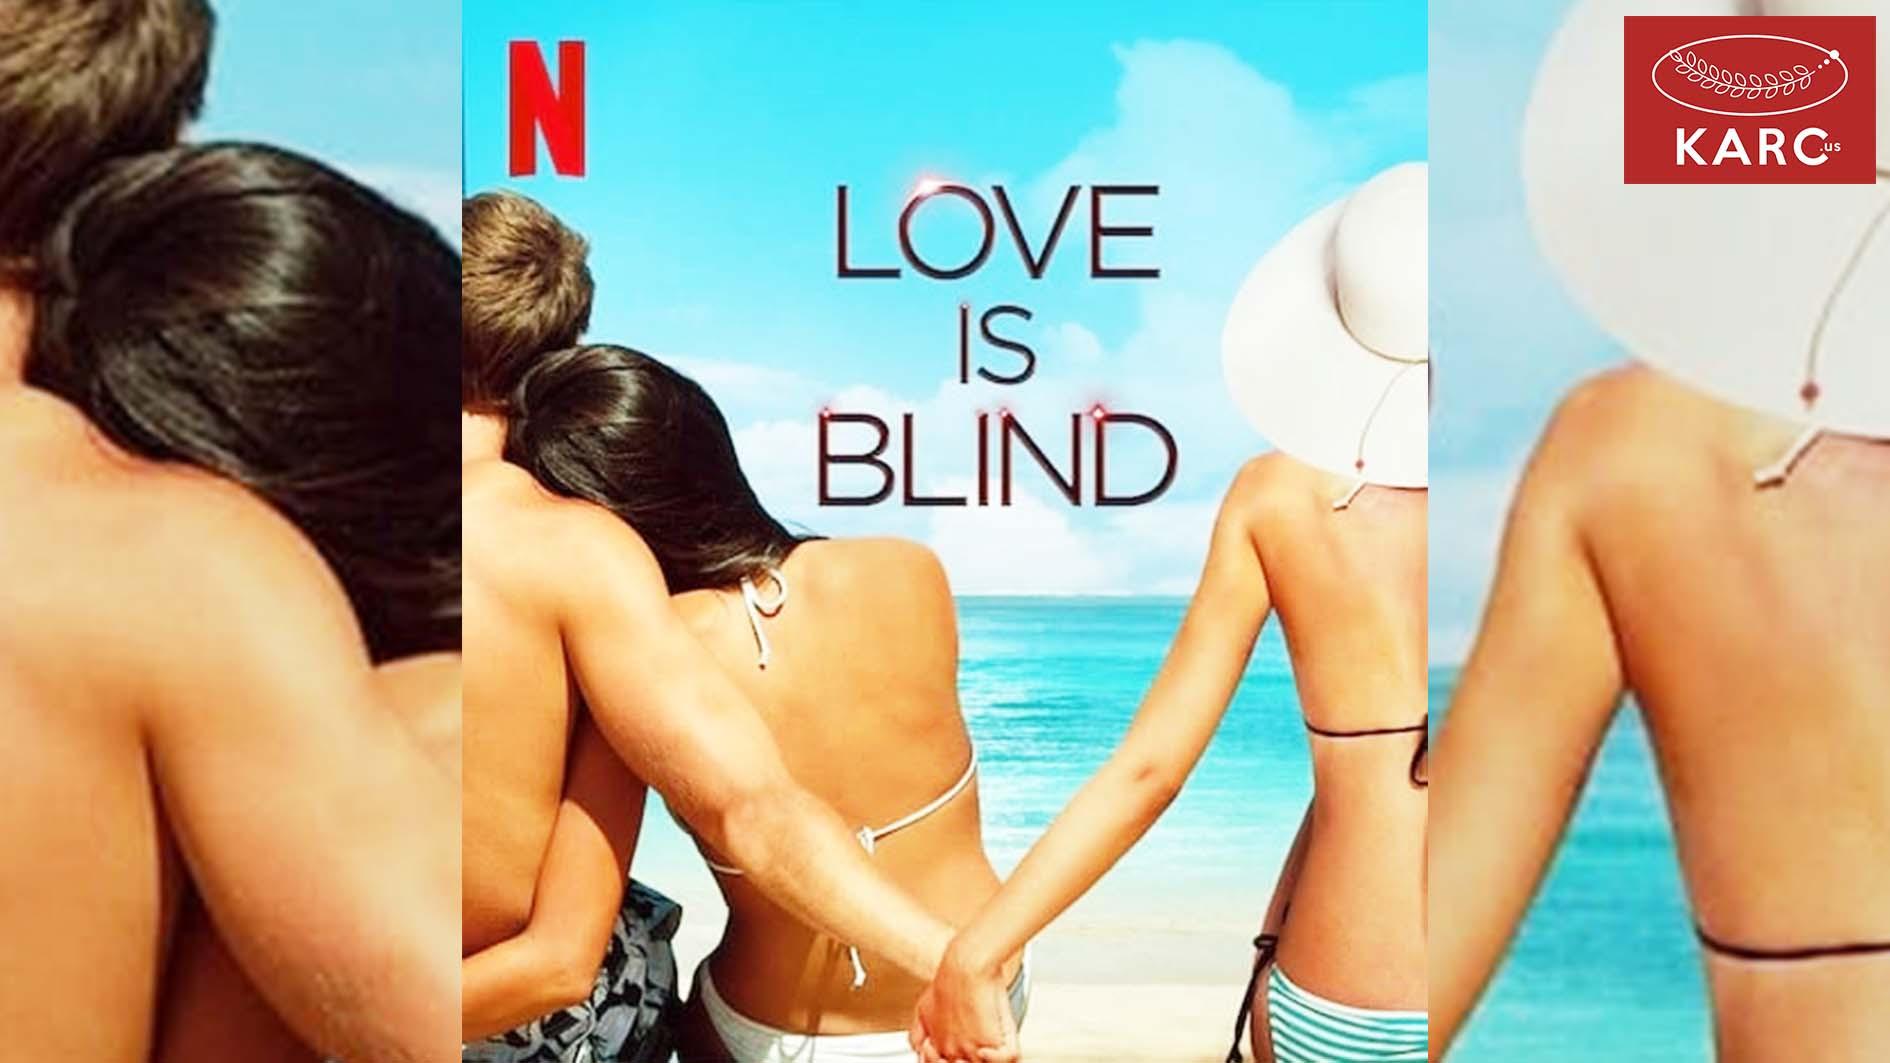 รีวิวซีรี่ย์ Netflix Love Is Blind คำตอบของความรัก. karc.us , วงการภาพยนต์ , แนะนำหนังดี , แนะนำหนังน่าดูหนังน่าดู , รีวิวหนังใหม่ , ก่อนตายต้องได้ดู! , ข่าวดารา , ข่าวเด่นประเด็นร้อน , รีวิวหนังใหม่ , หนังดังในอดีต